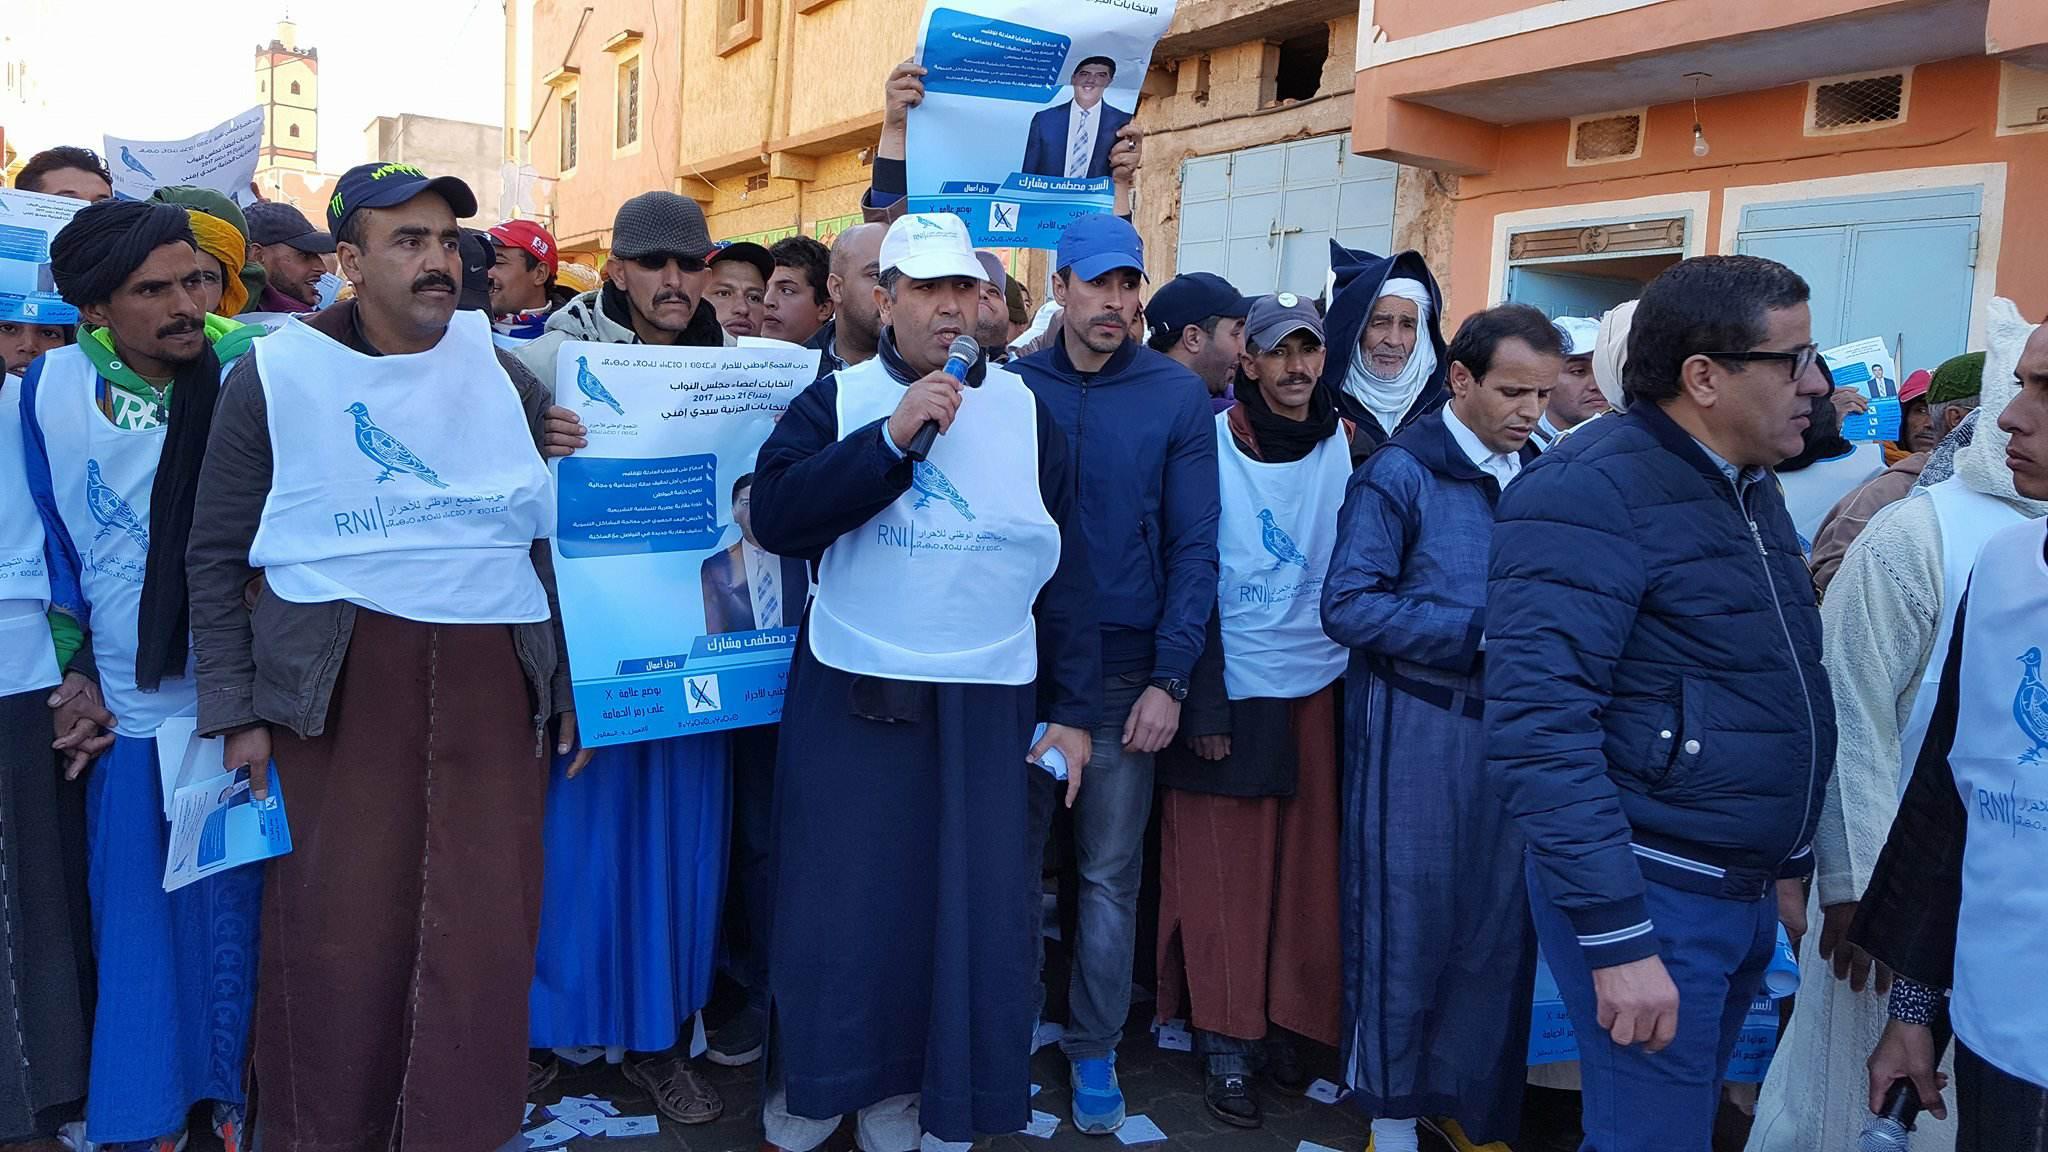 سيدي إفني: برلمانيون وسياسيون وجمعويون جنبا إلى جنب مع مشارك مرشح الحمامة